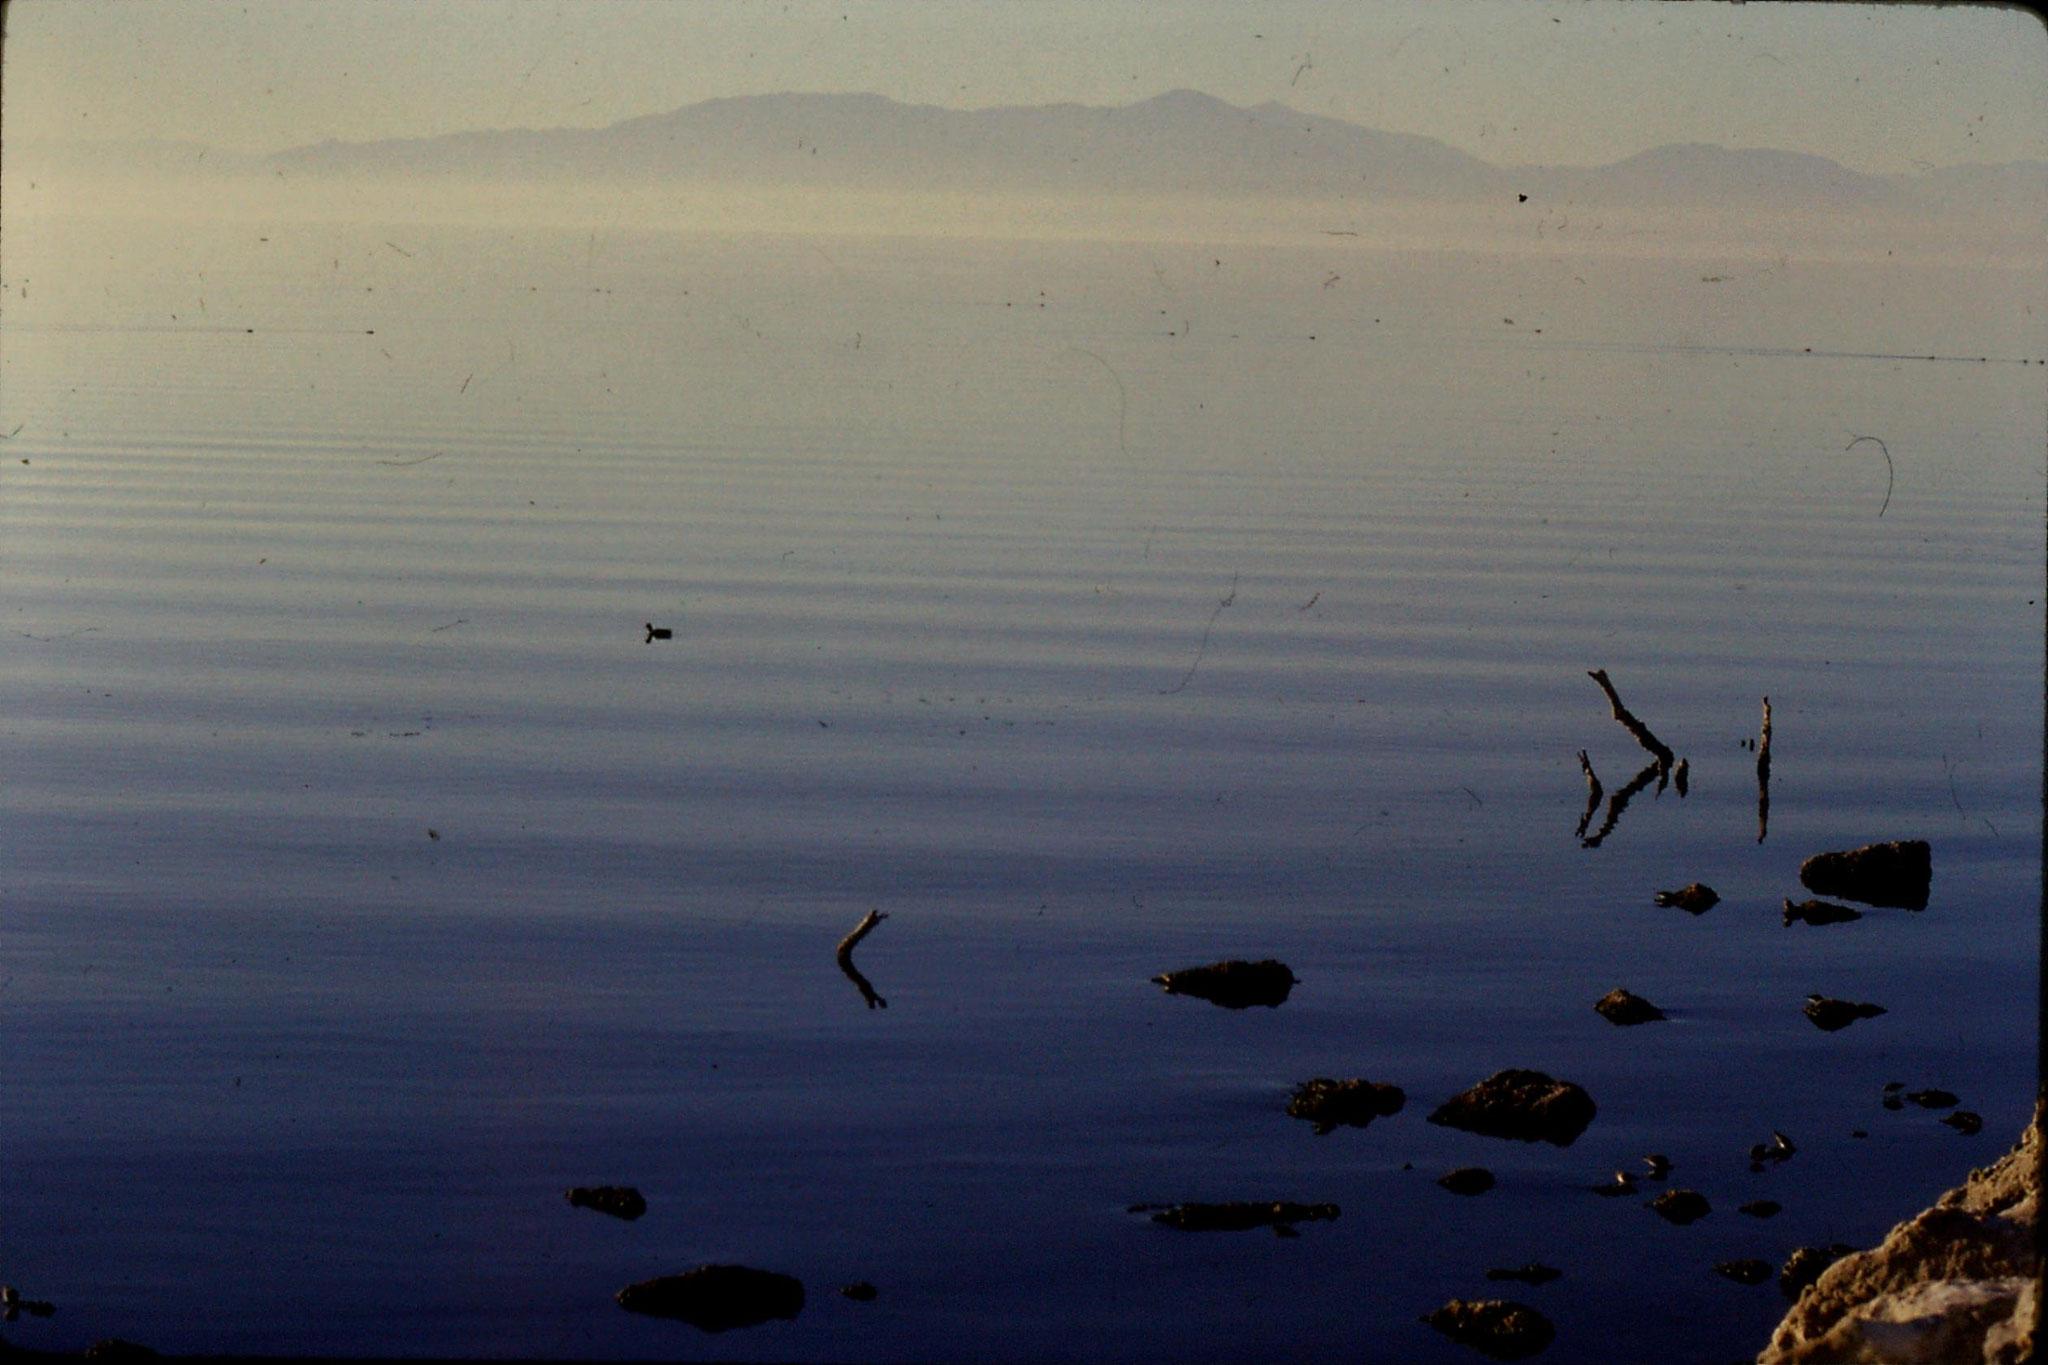 9/12/1990: 0: Salton Sea CA